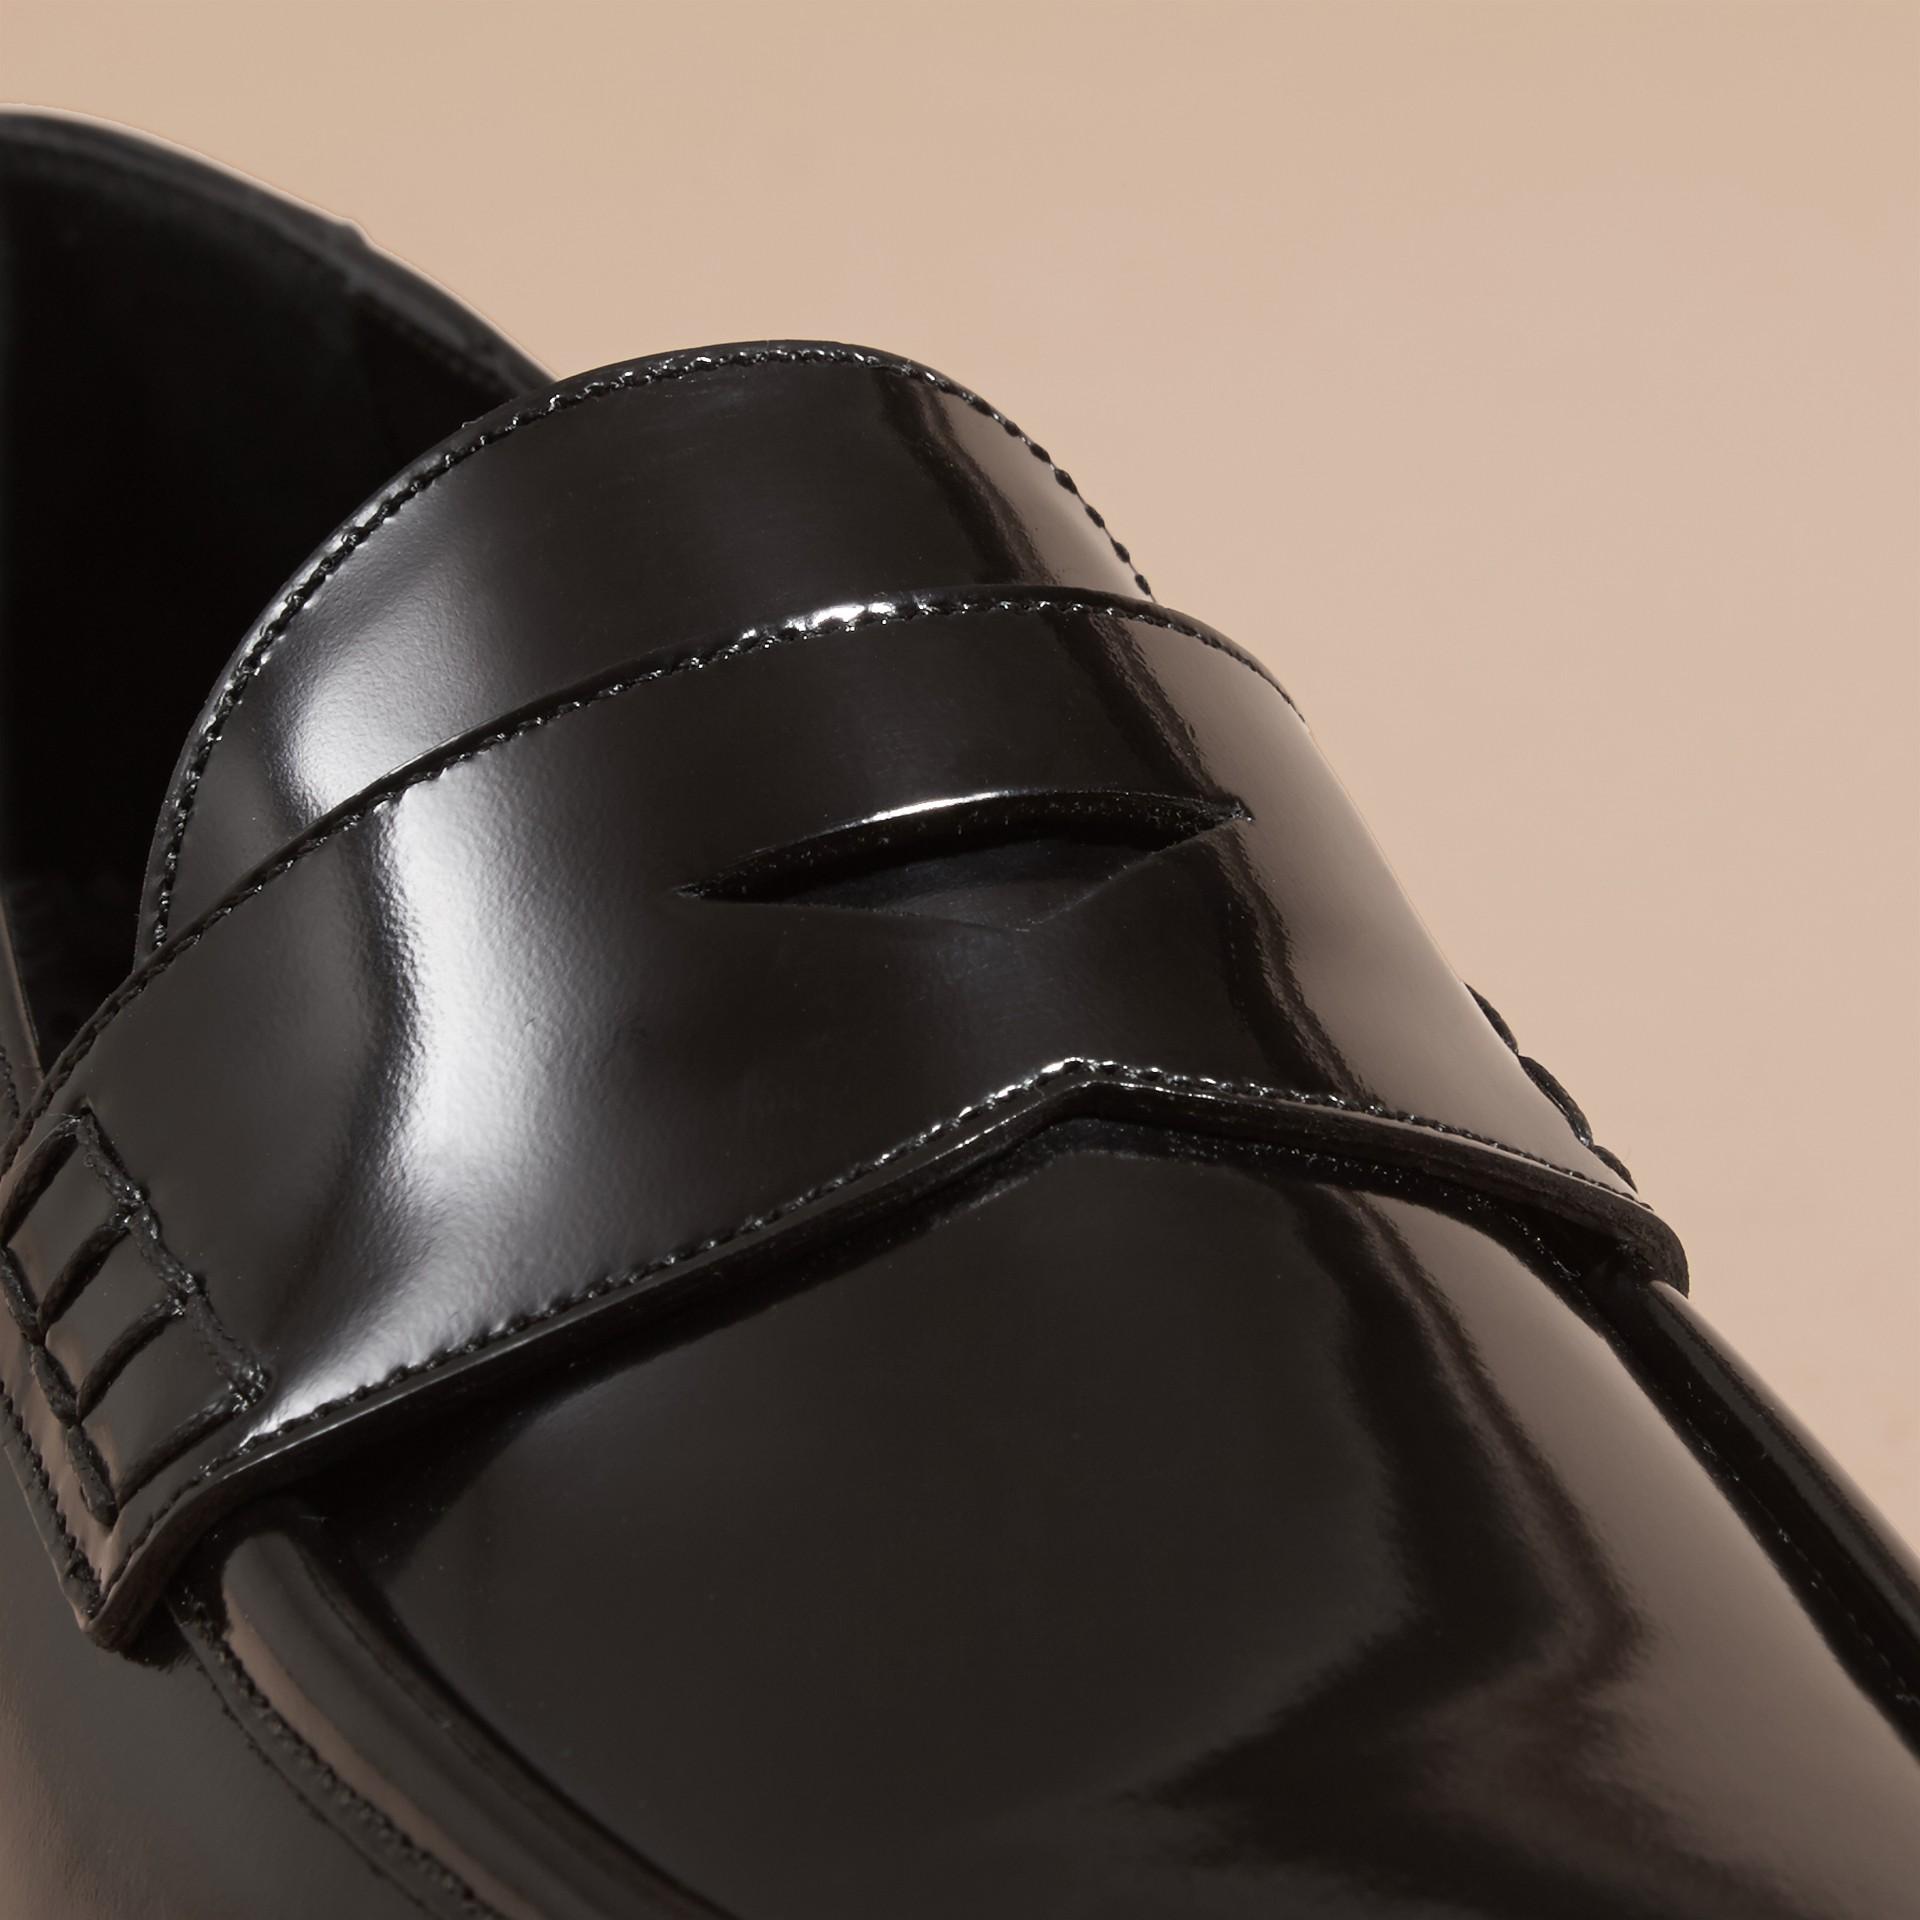 Mocassini in pelle lucida - Donna | Burberry - immagine della galleria 2